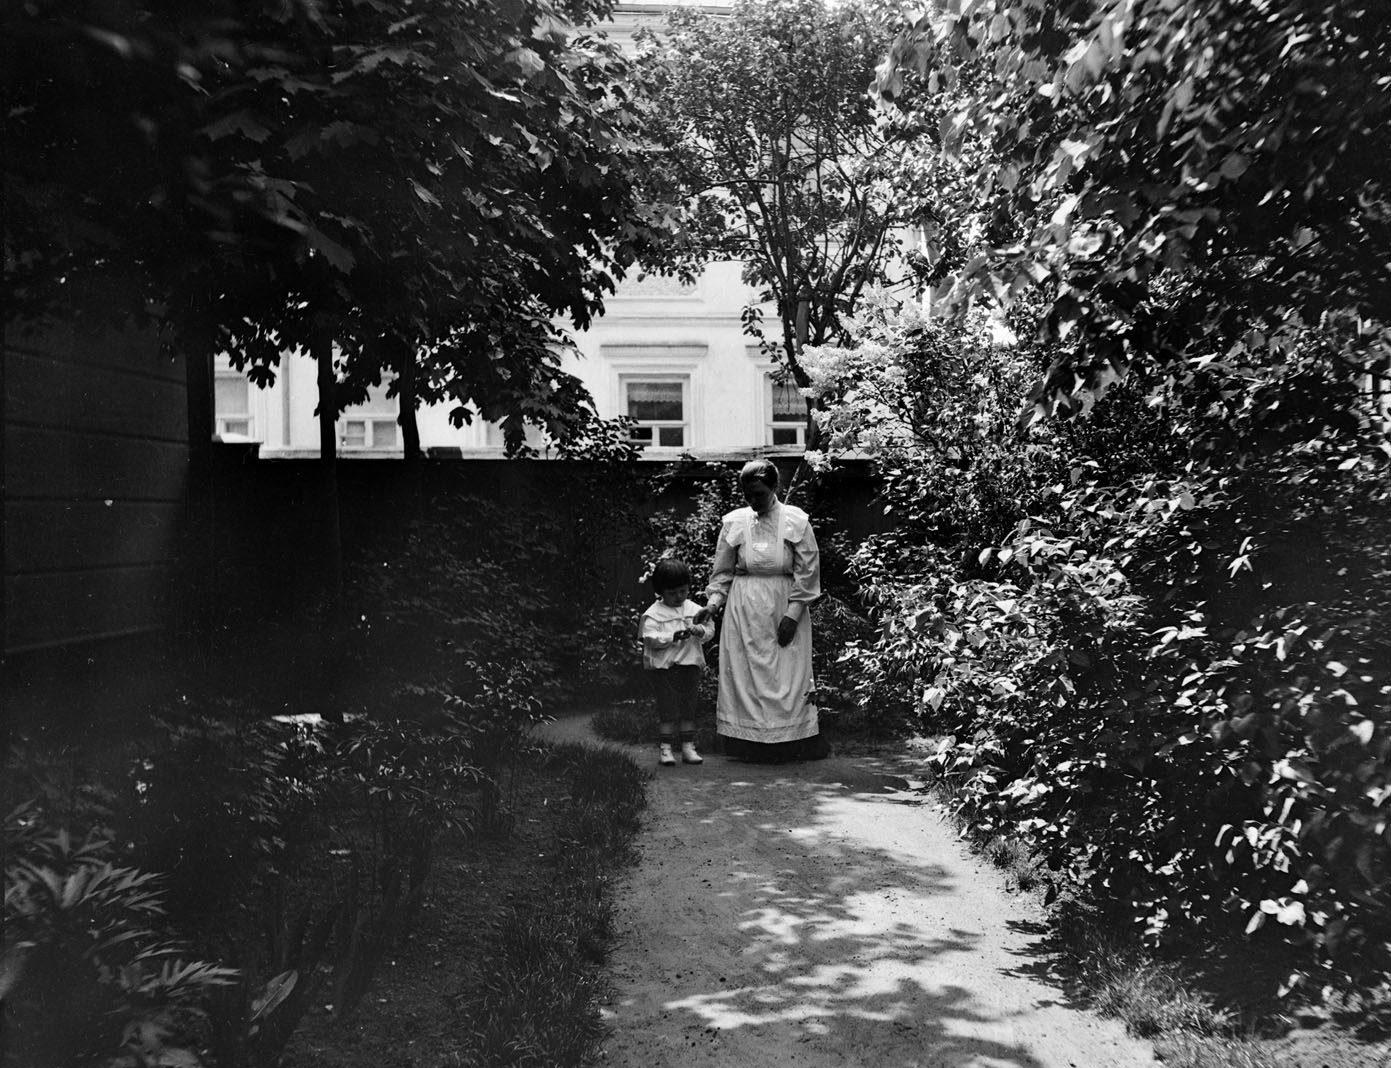 Прогулка с няней в саду во дворе владения № 4 по Малому Толстовскому переулку